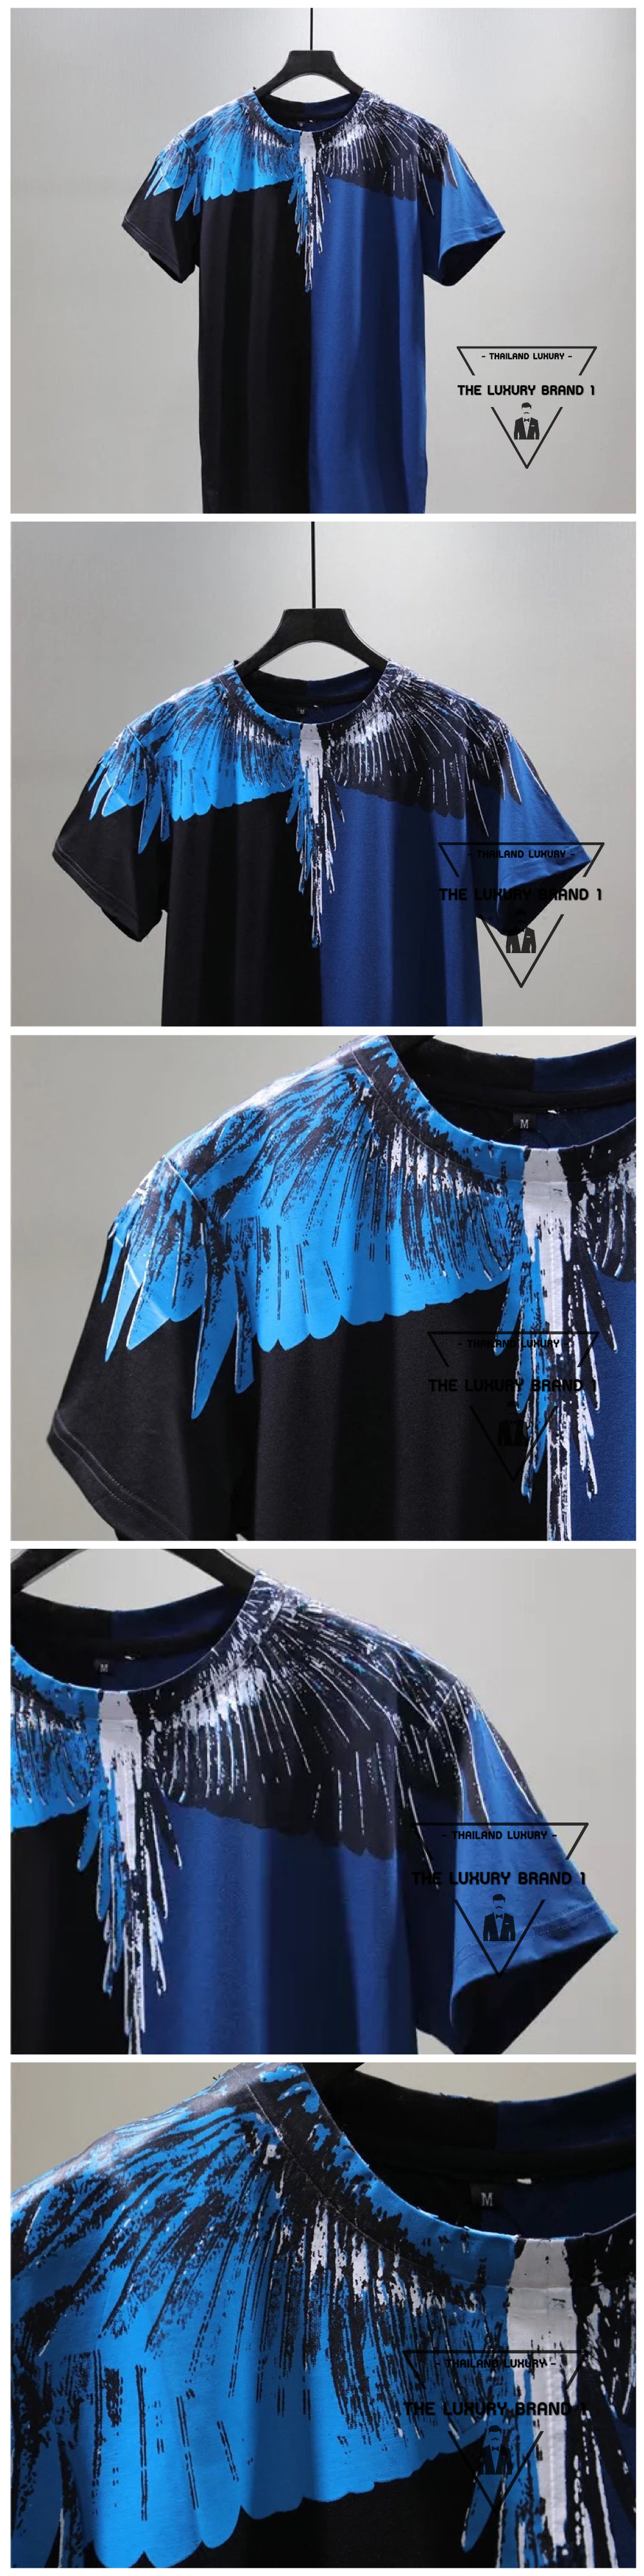 เสื้อยืด Marcelo Burlon / Marcelo Burlon T-Shirt เสื้อยืดลายปีกนกสีทรูโทน น้ำเงิน-ดำ